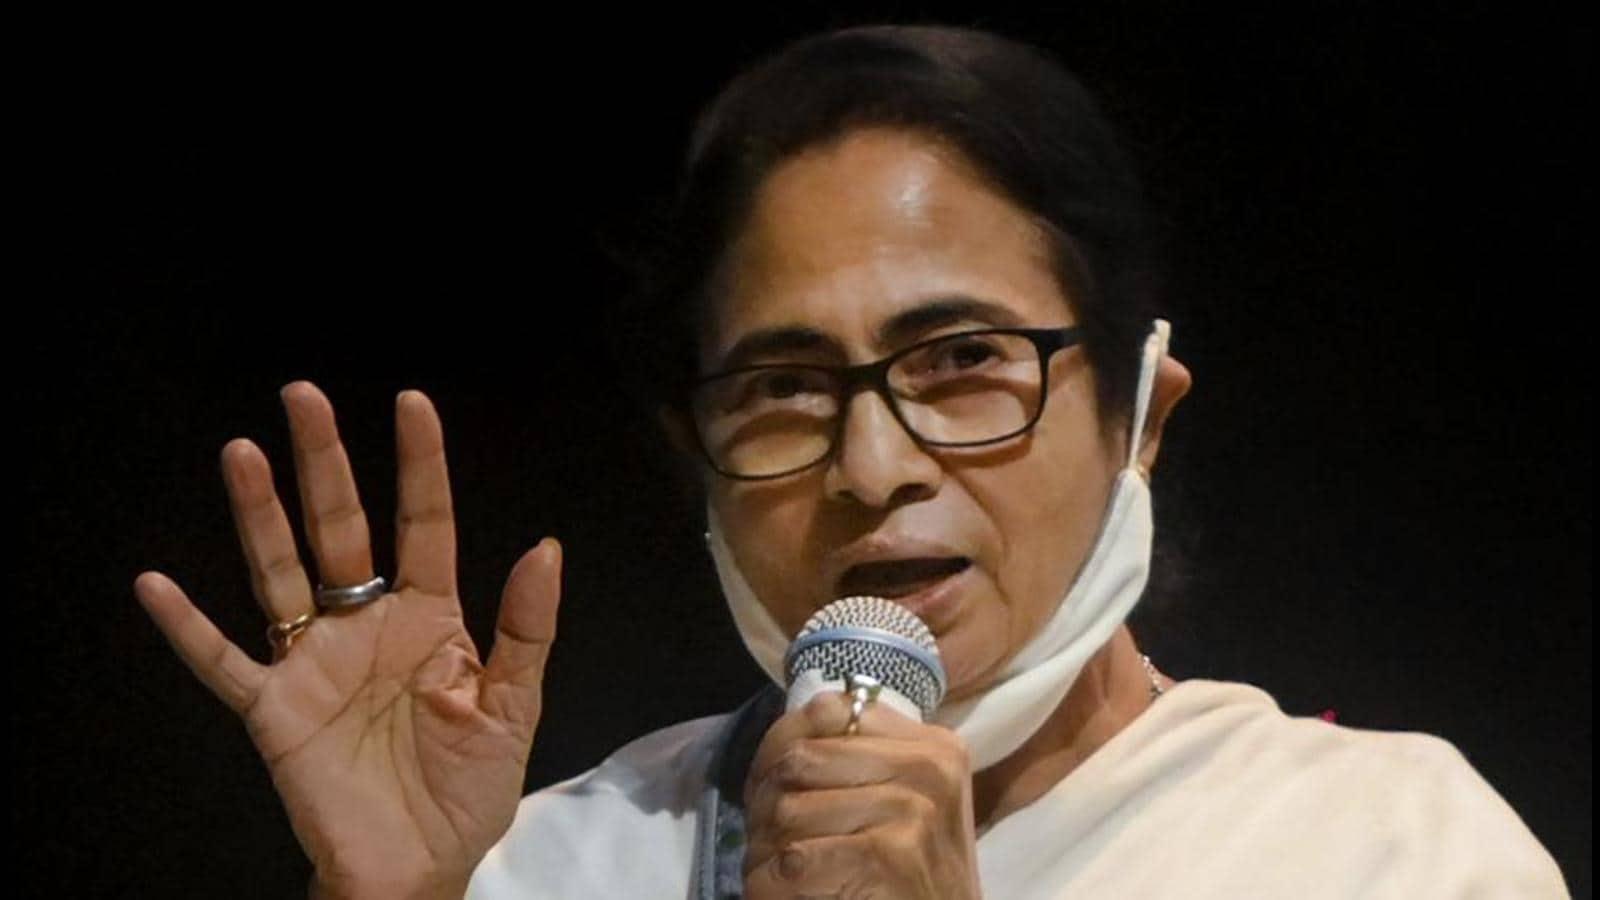 BJP using agencies against TMC leaders before bypolls: Bengal CM Mamata Banerjee